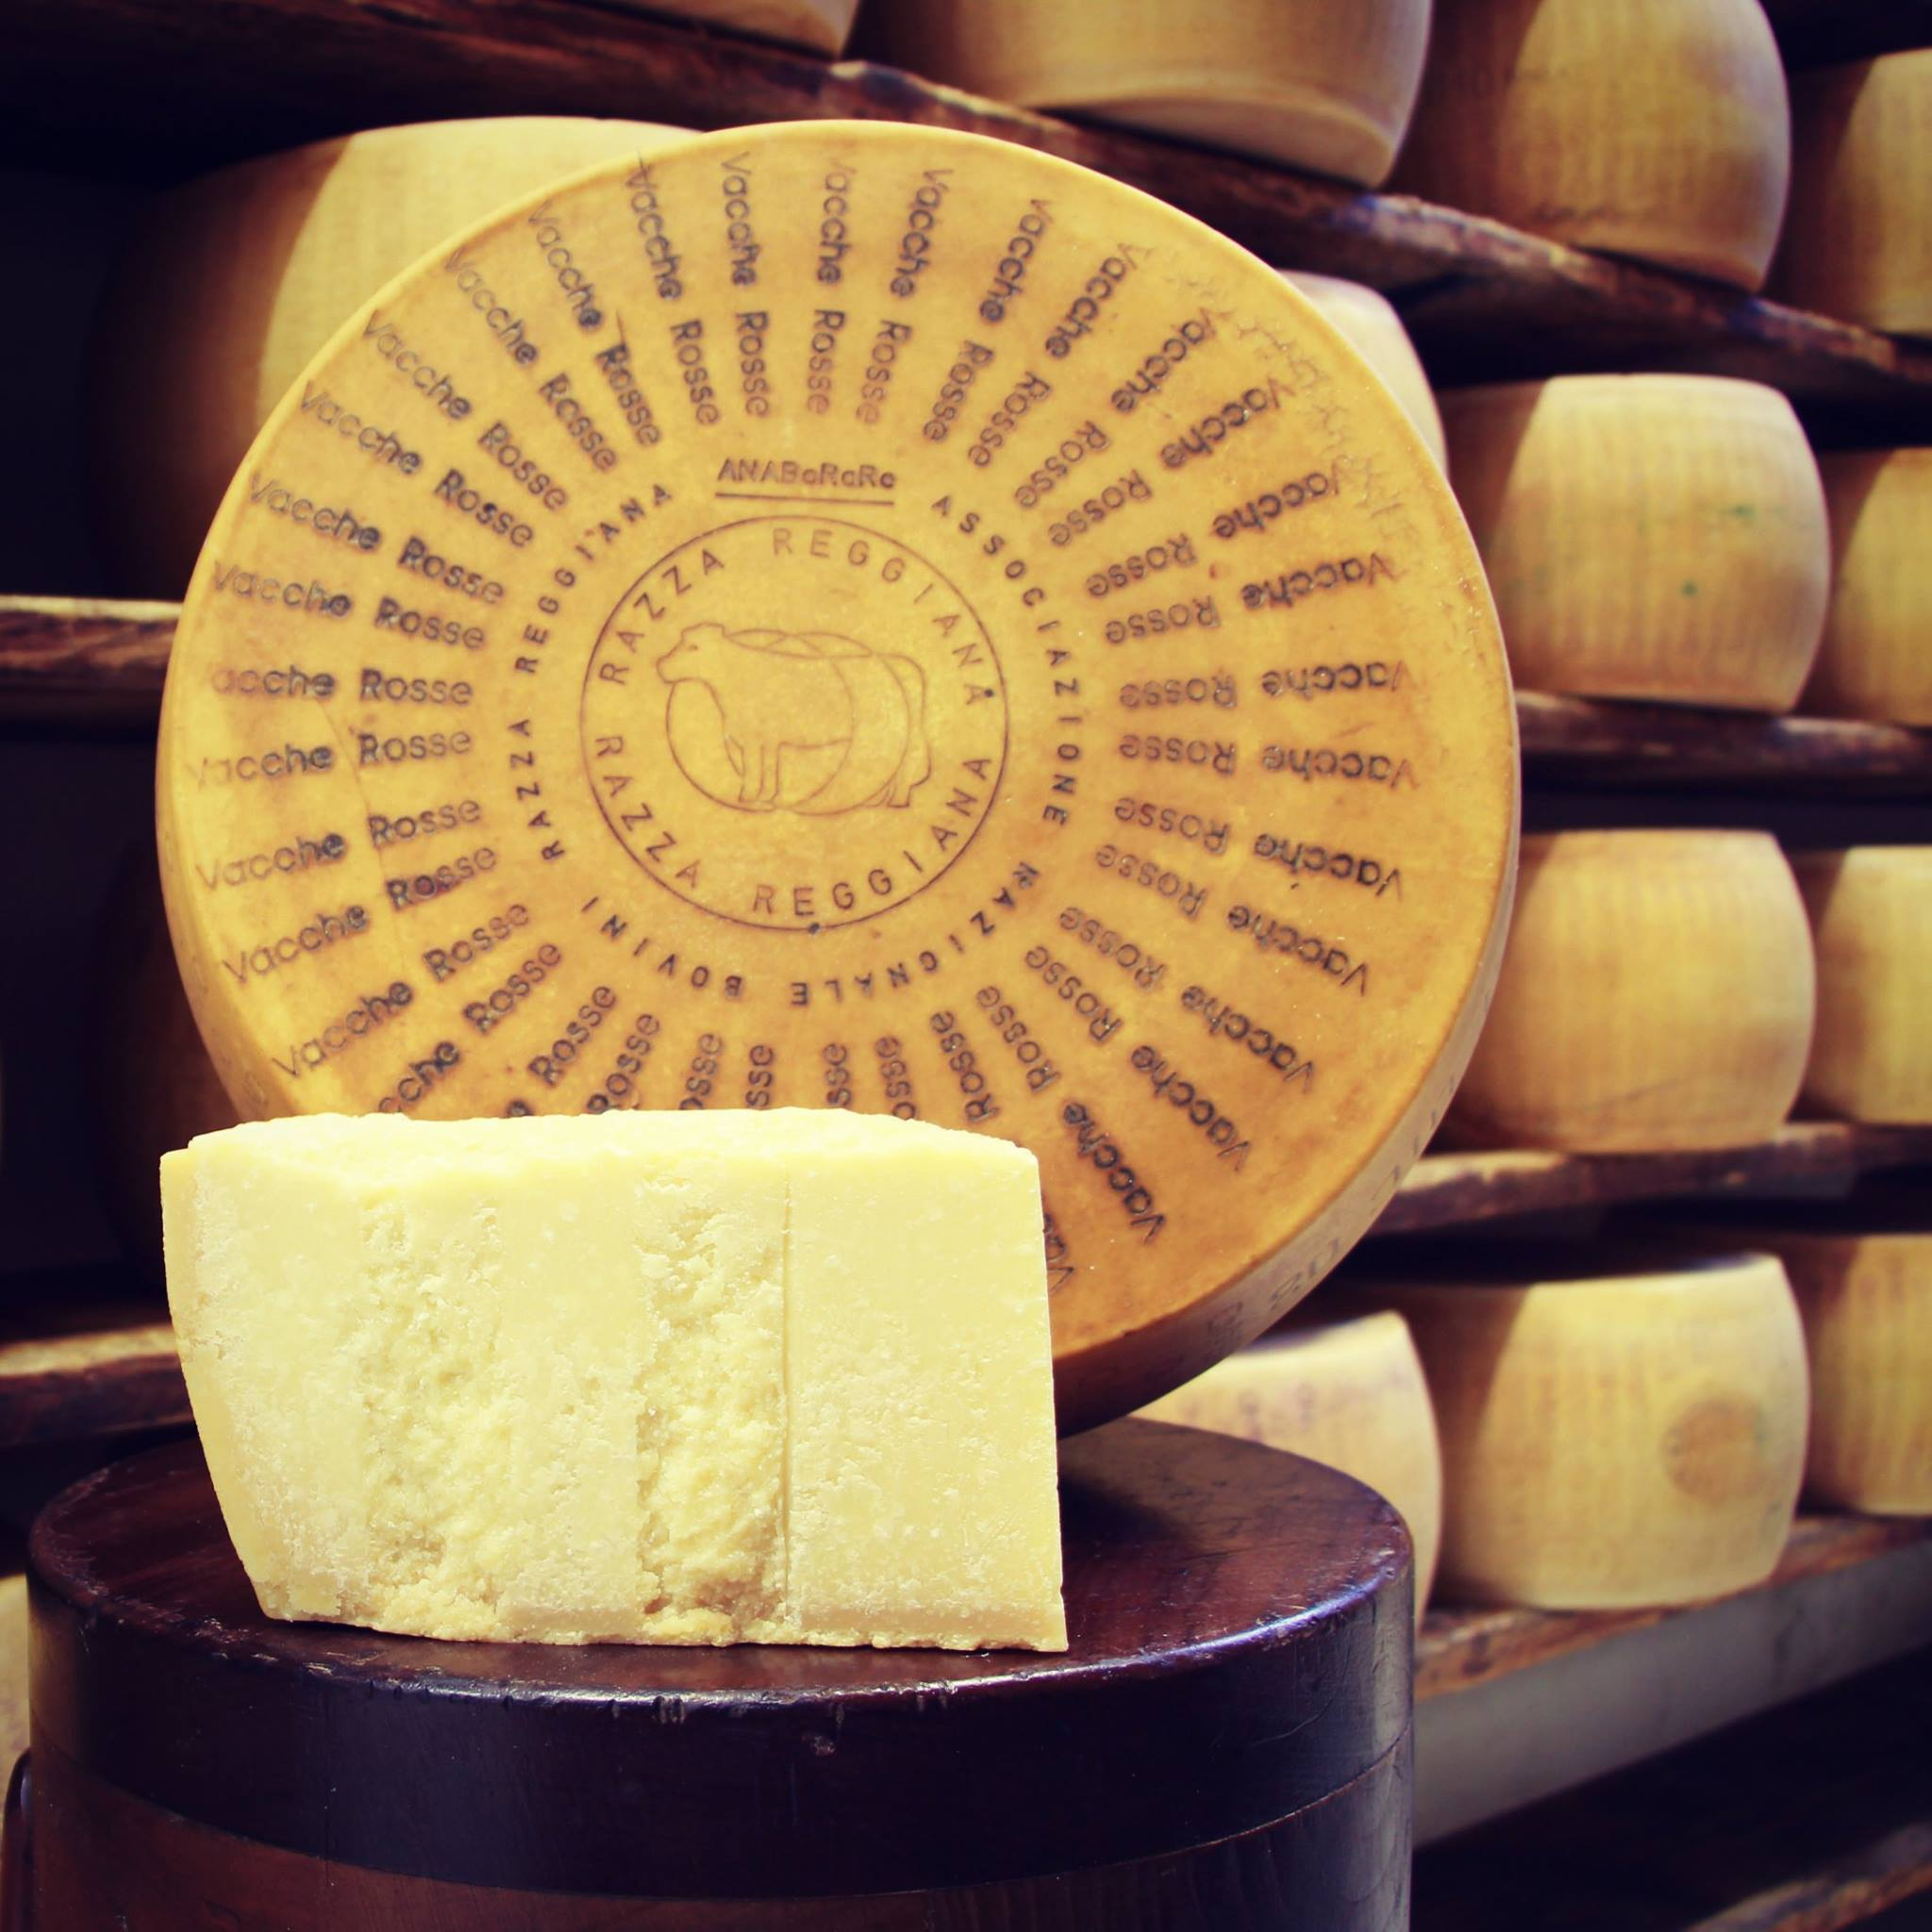 Parmigiano Reggiano Vacche Rosse(aus der Milch der roten Kuh) -  24/30 mesi - 1,00/1,05 Kg.